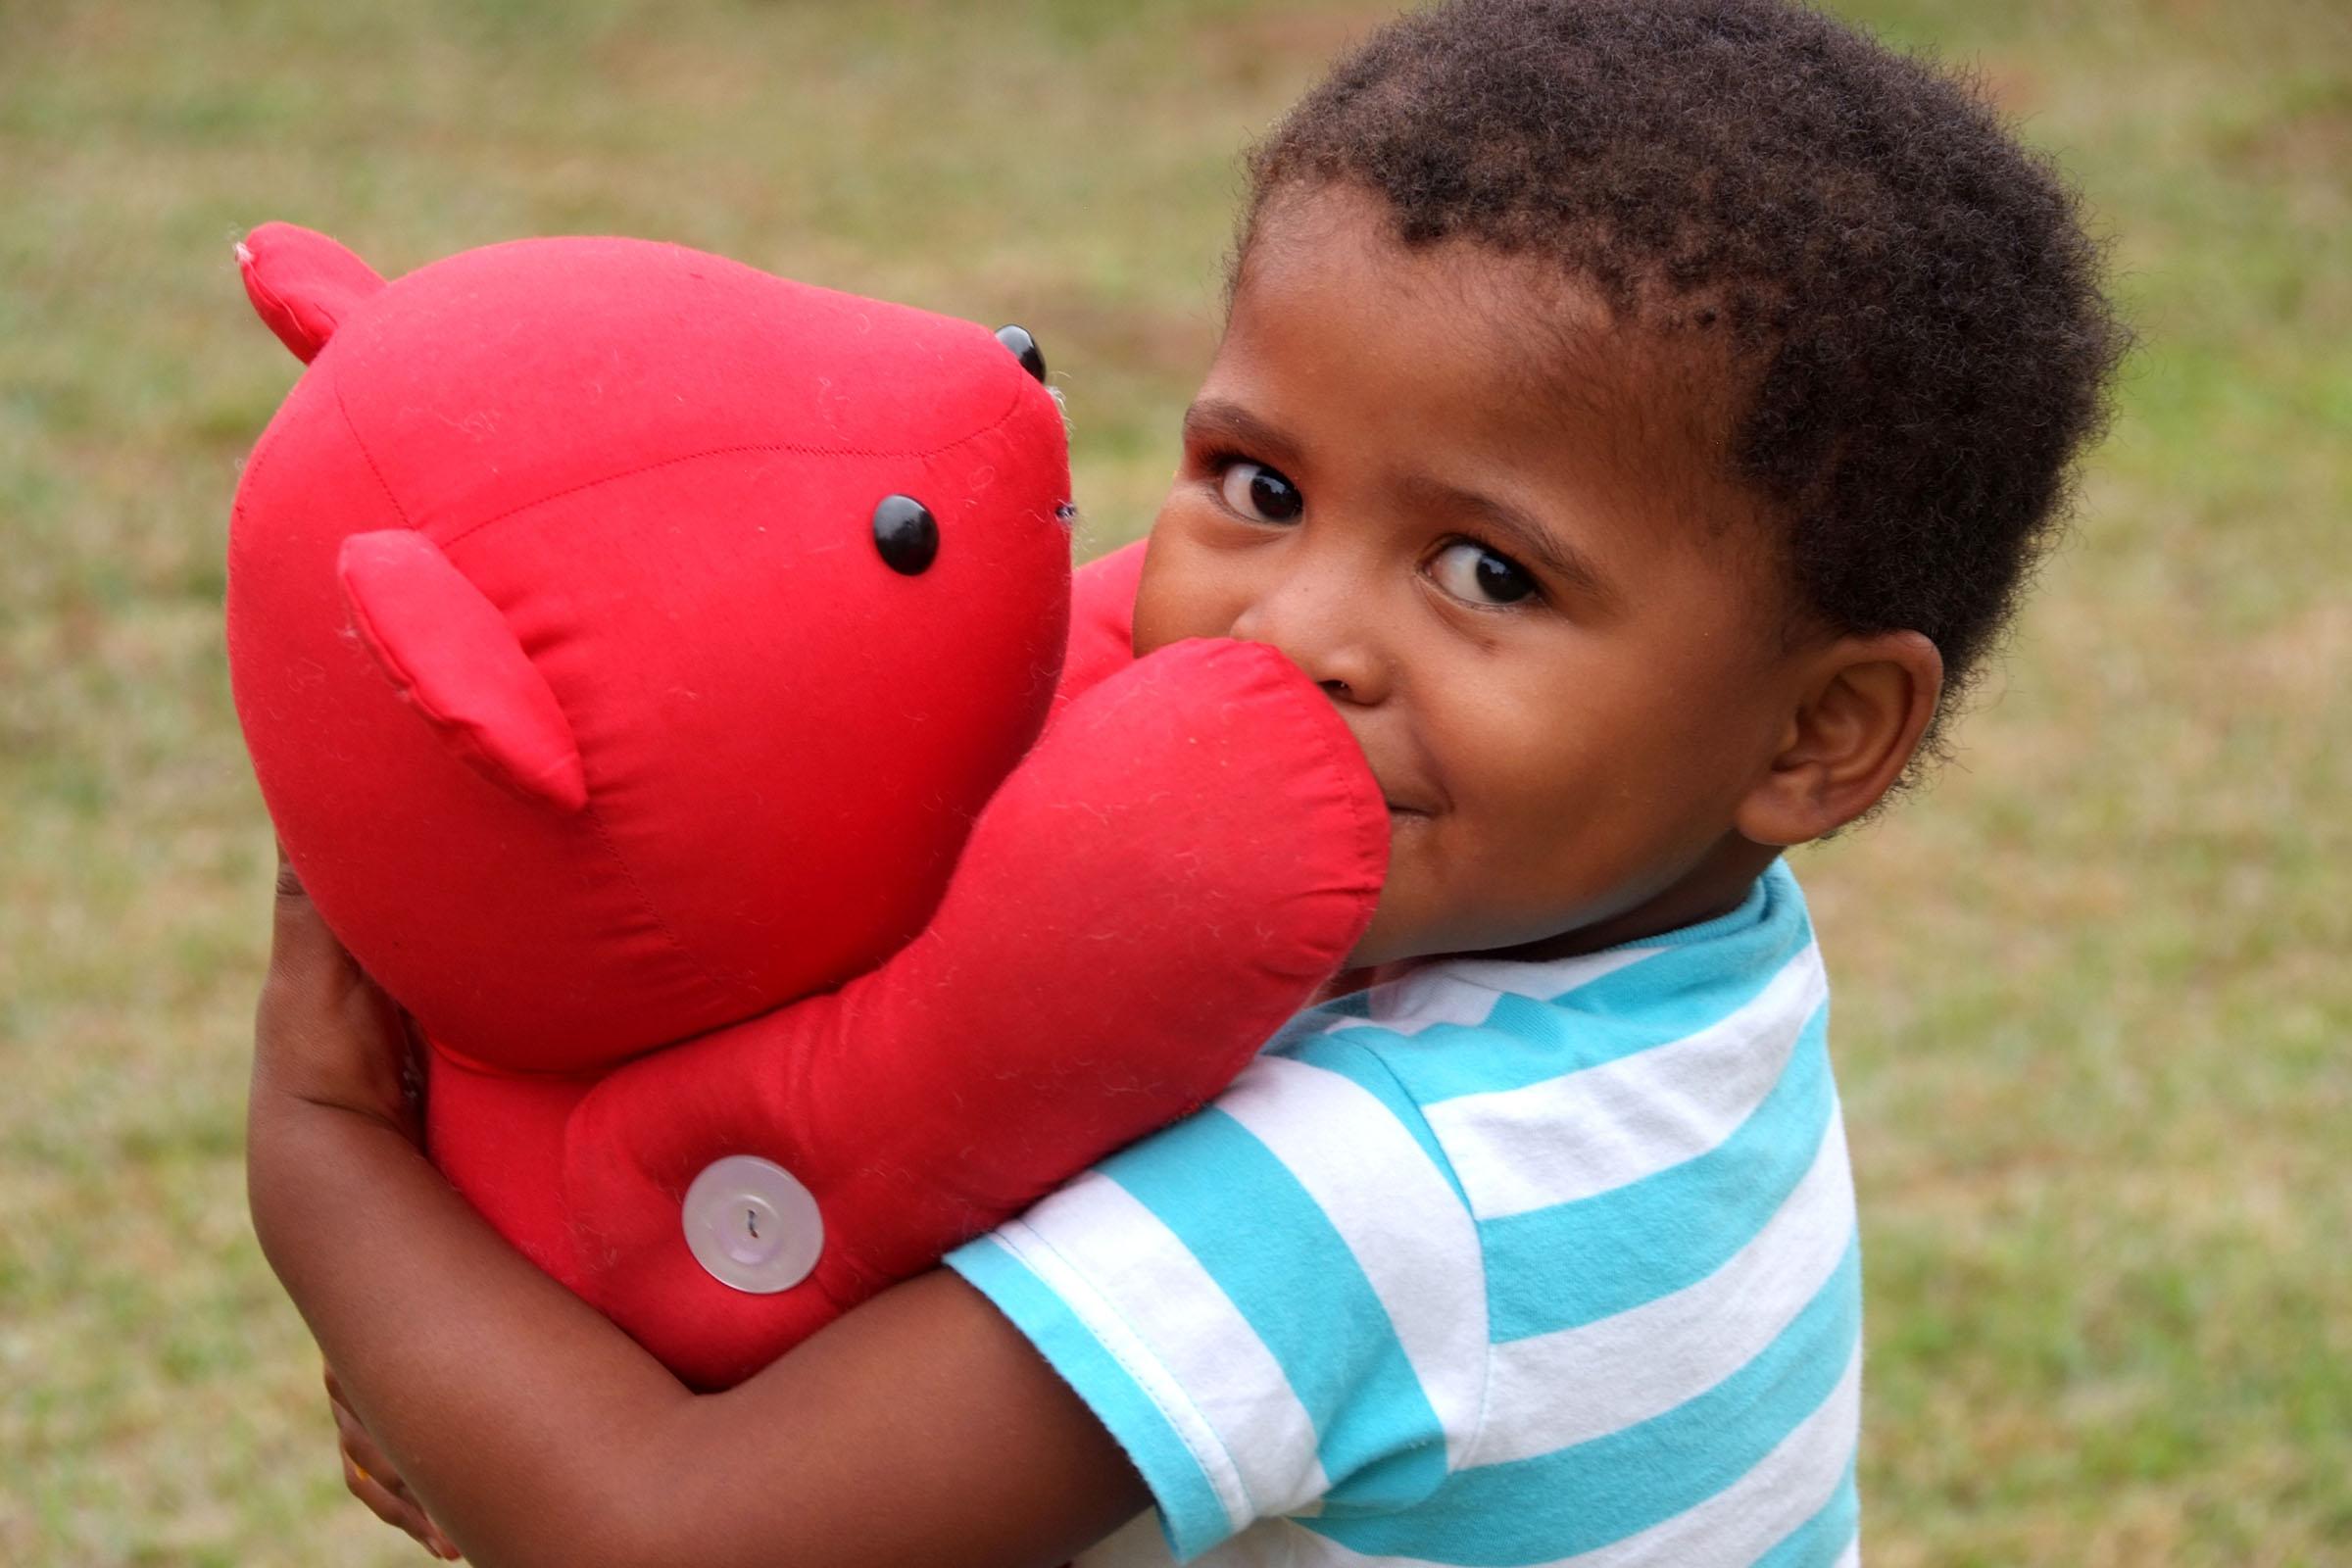 Bobbi Bear, Arms Around the Child